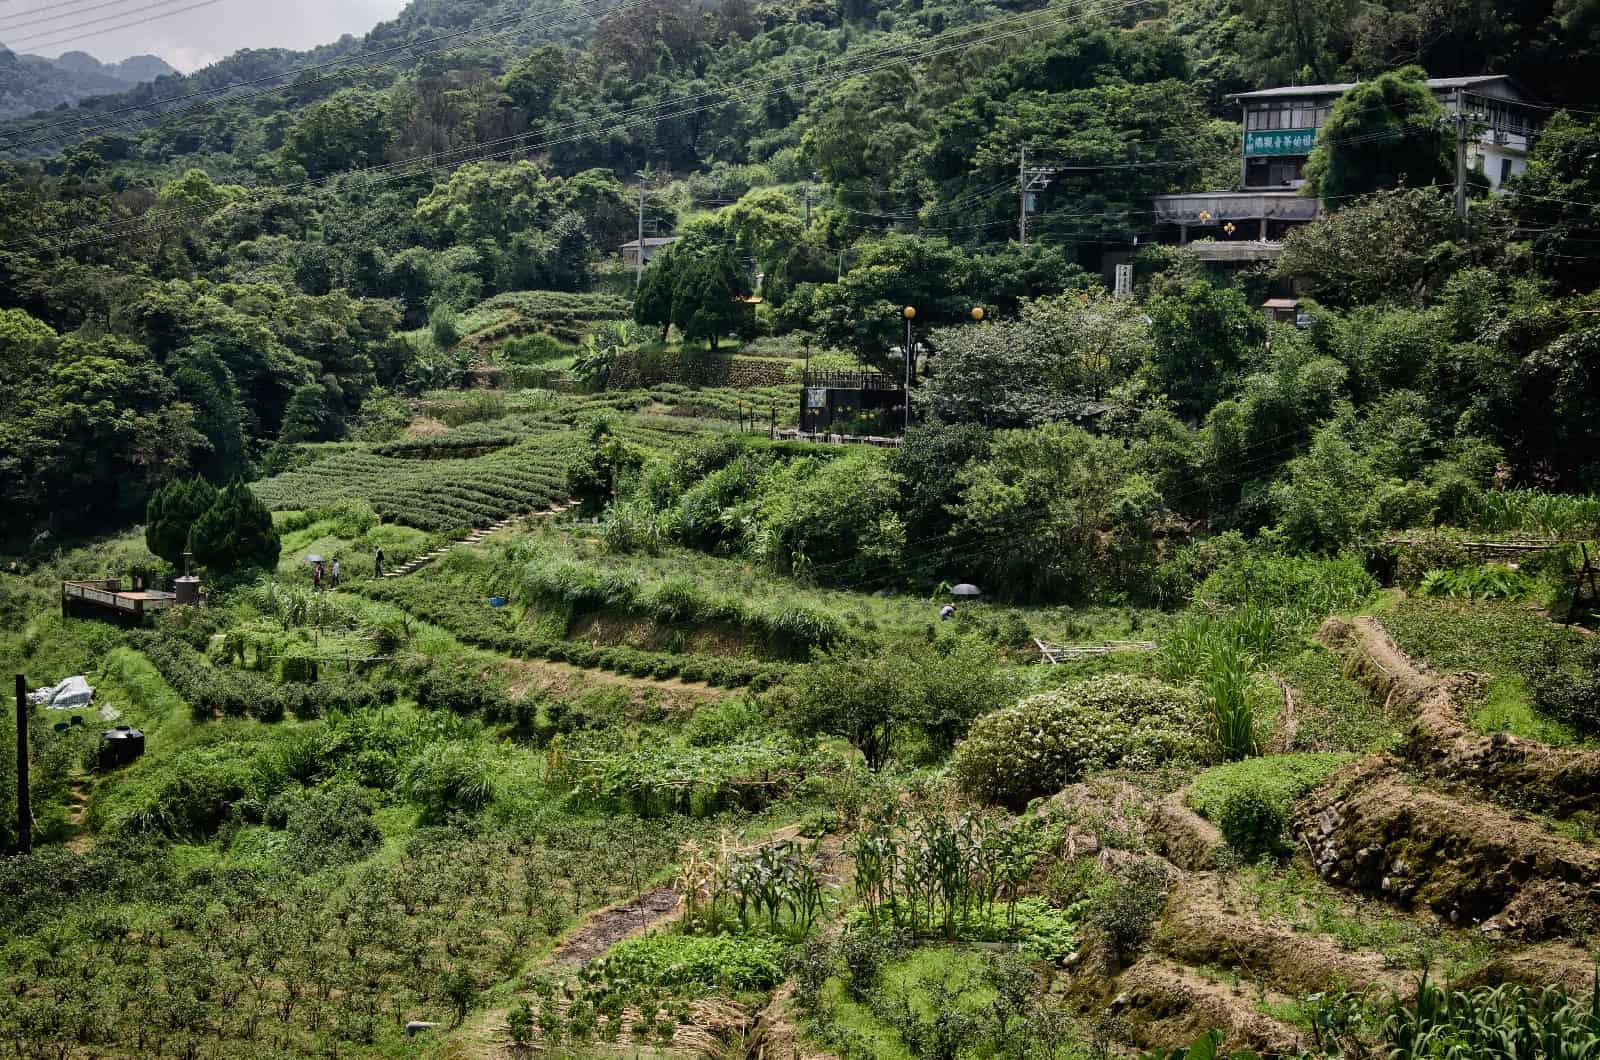 Tea Fields at Maokong in Taipei, Taiwan